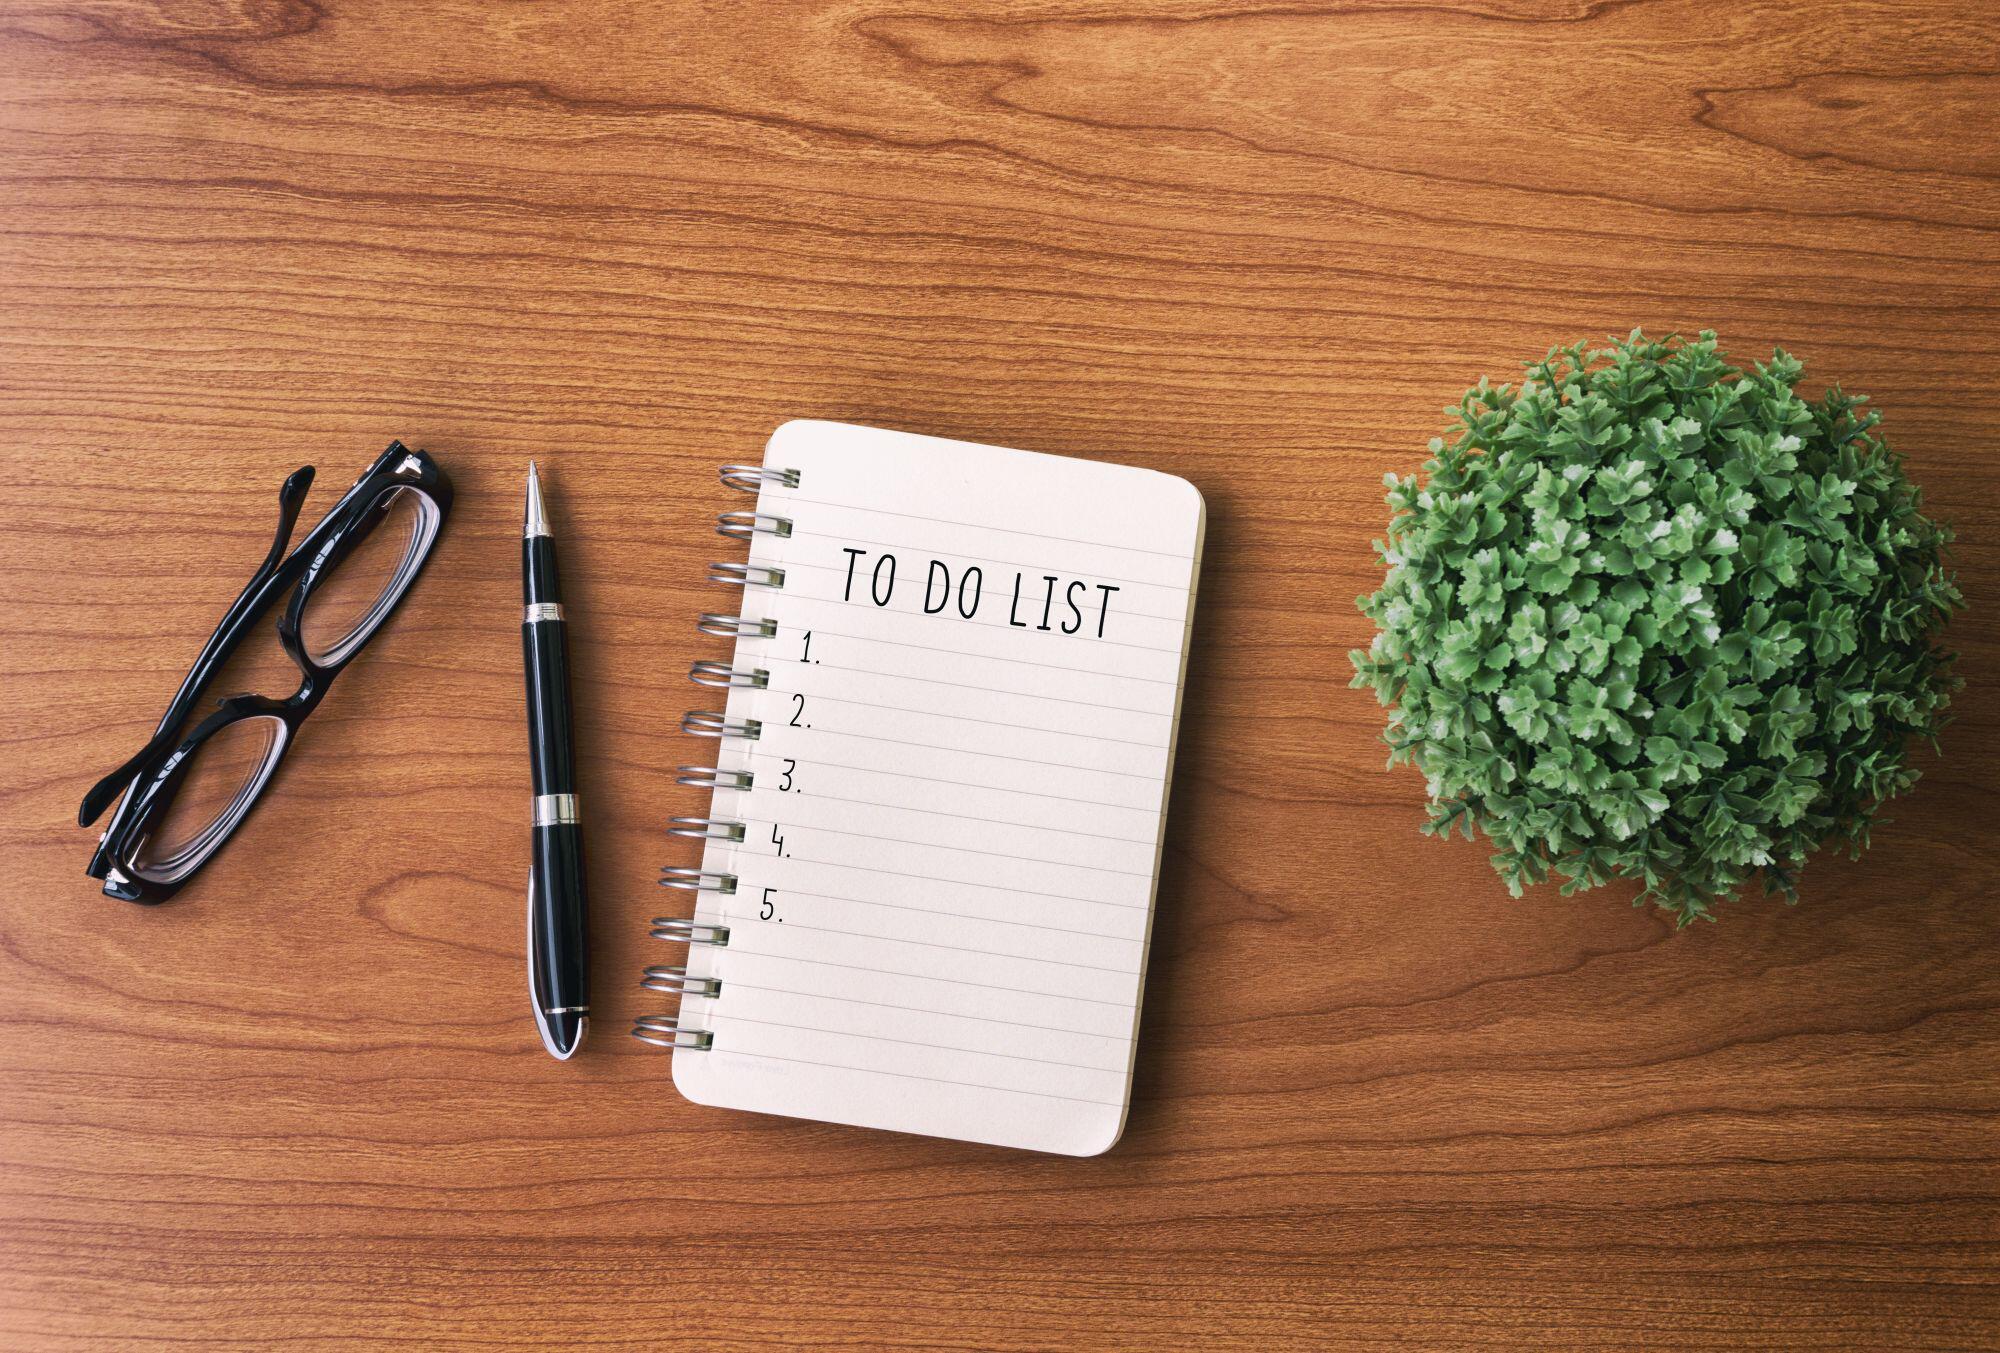 Bild zu Tipps und Tricks, Life Hack, Produktivität, Zeitmanagment